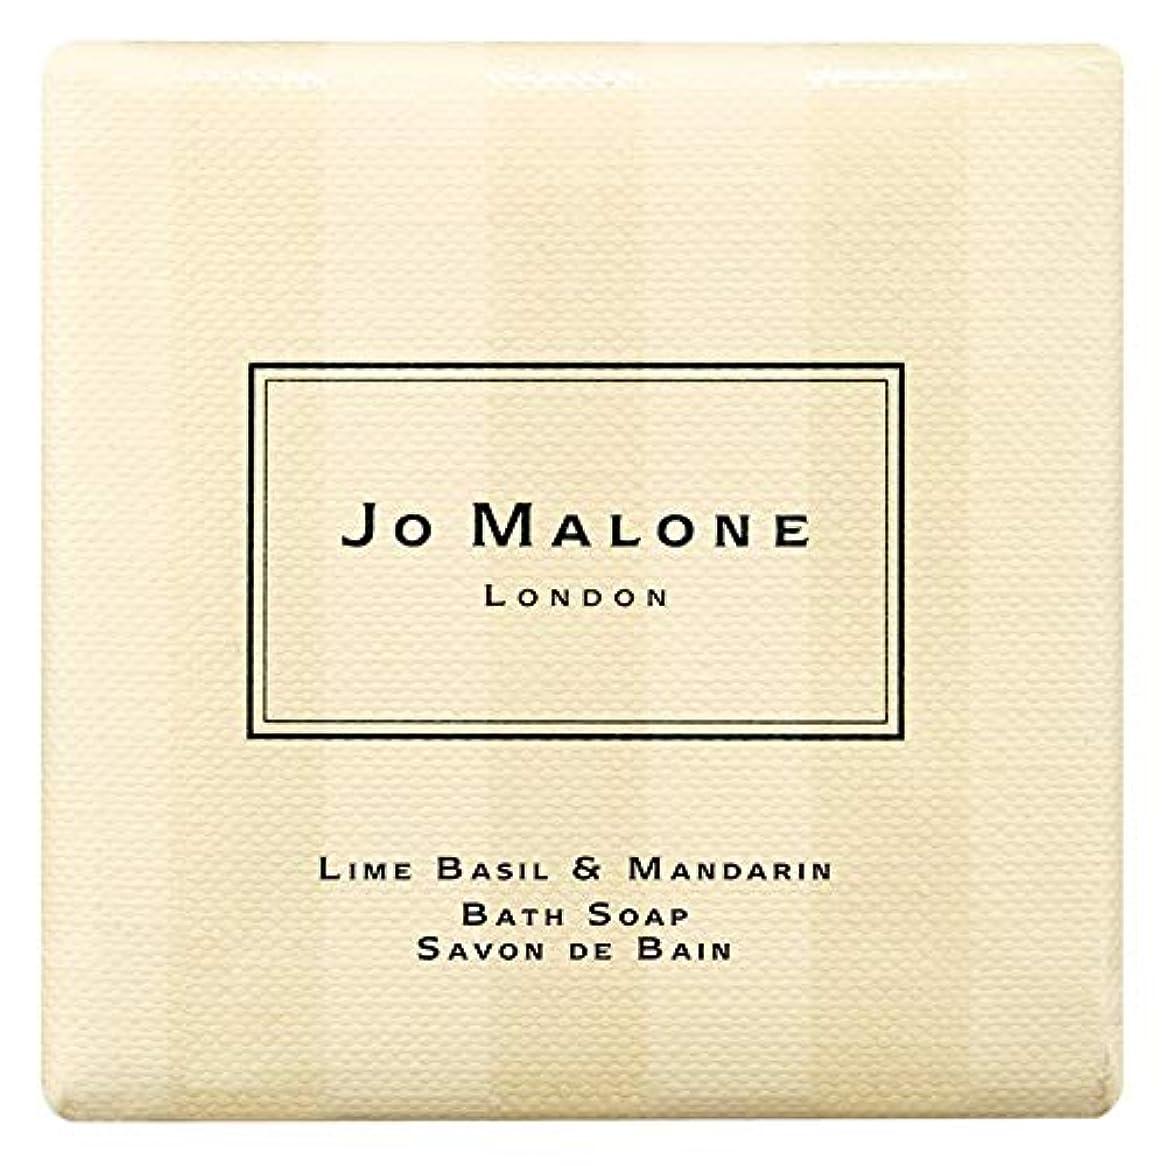 無臭溶融開いた[Jo Malone] ジョーマローンロンドンライムバジル&マンダリンお風呂の石鹸100グラム - Jo Malone London Lime Basil & Mandarin Bath Soap 100g [並行輸入品]